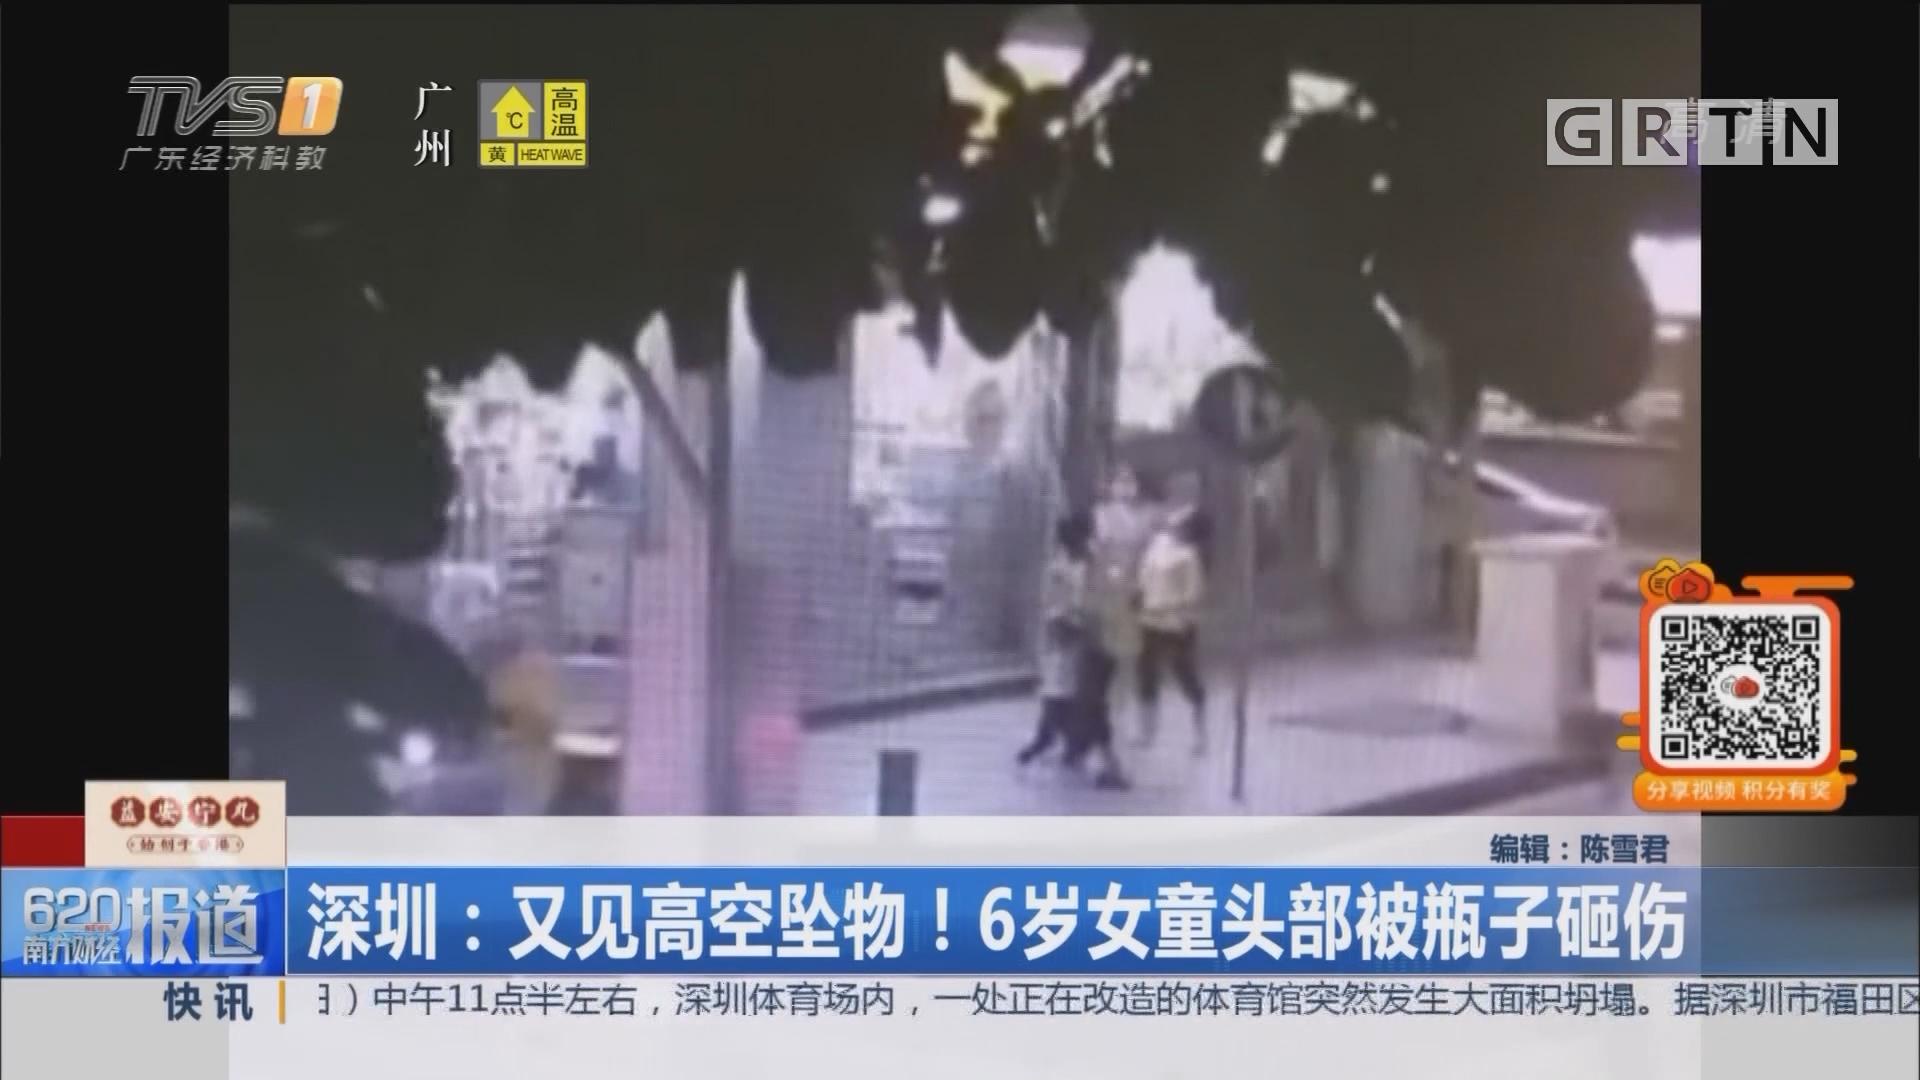 深圳:又见高空坠物!6岁女童头部被瓶子砸伤